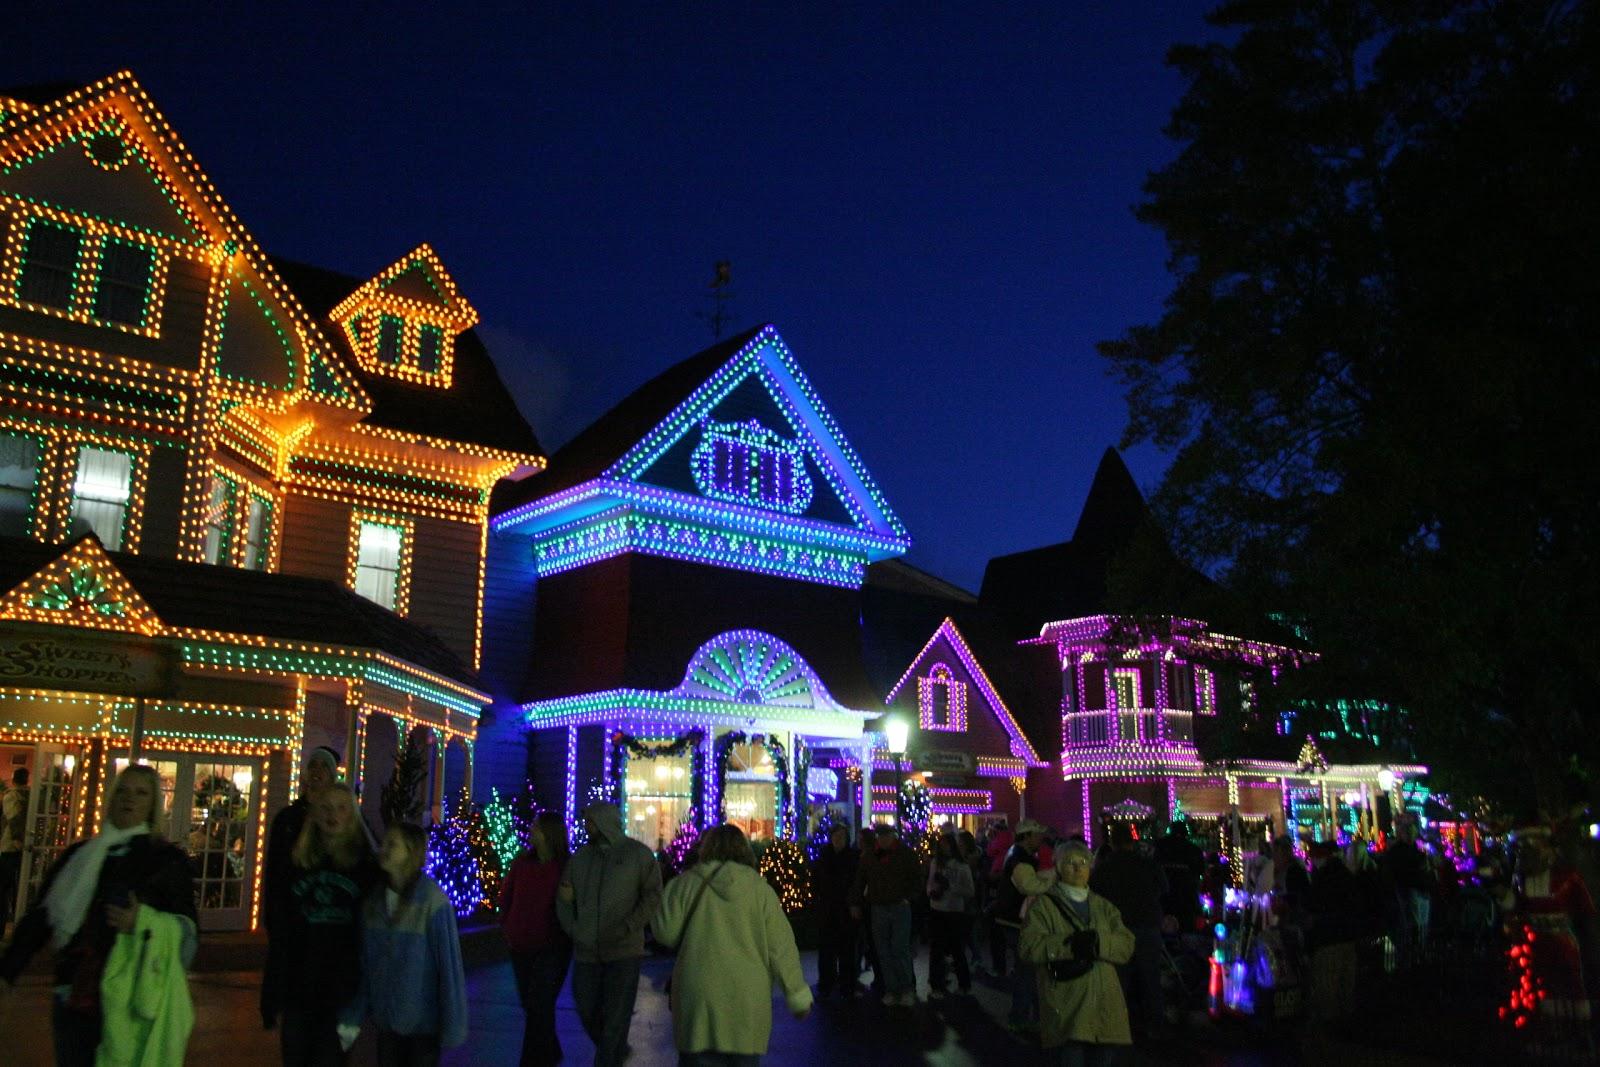 Baltimore Zoo Christmas Lights